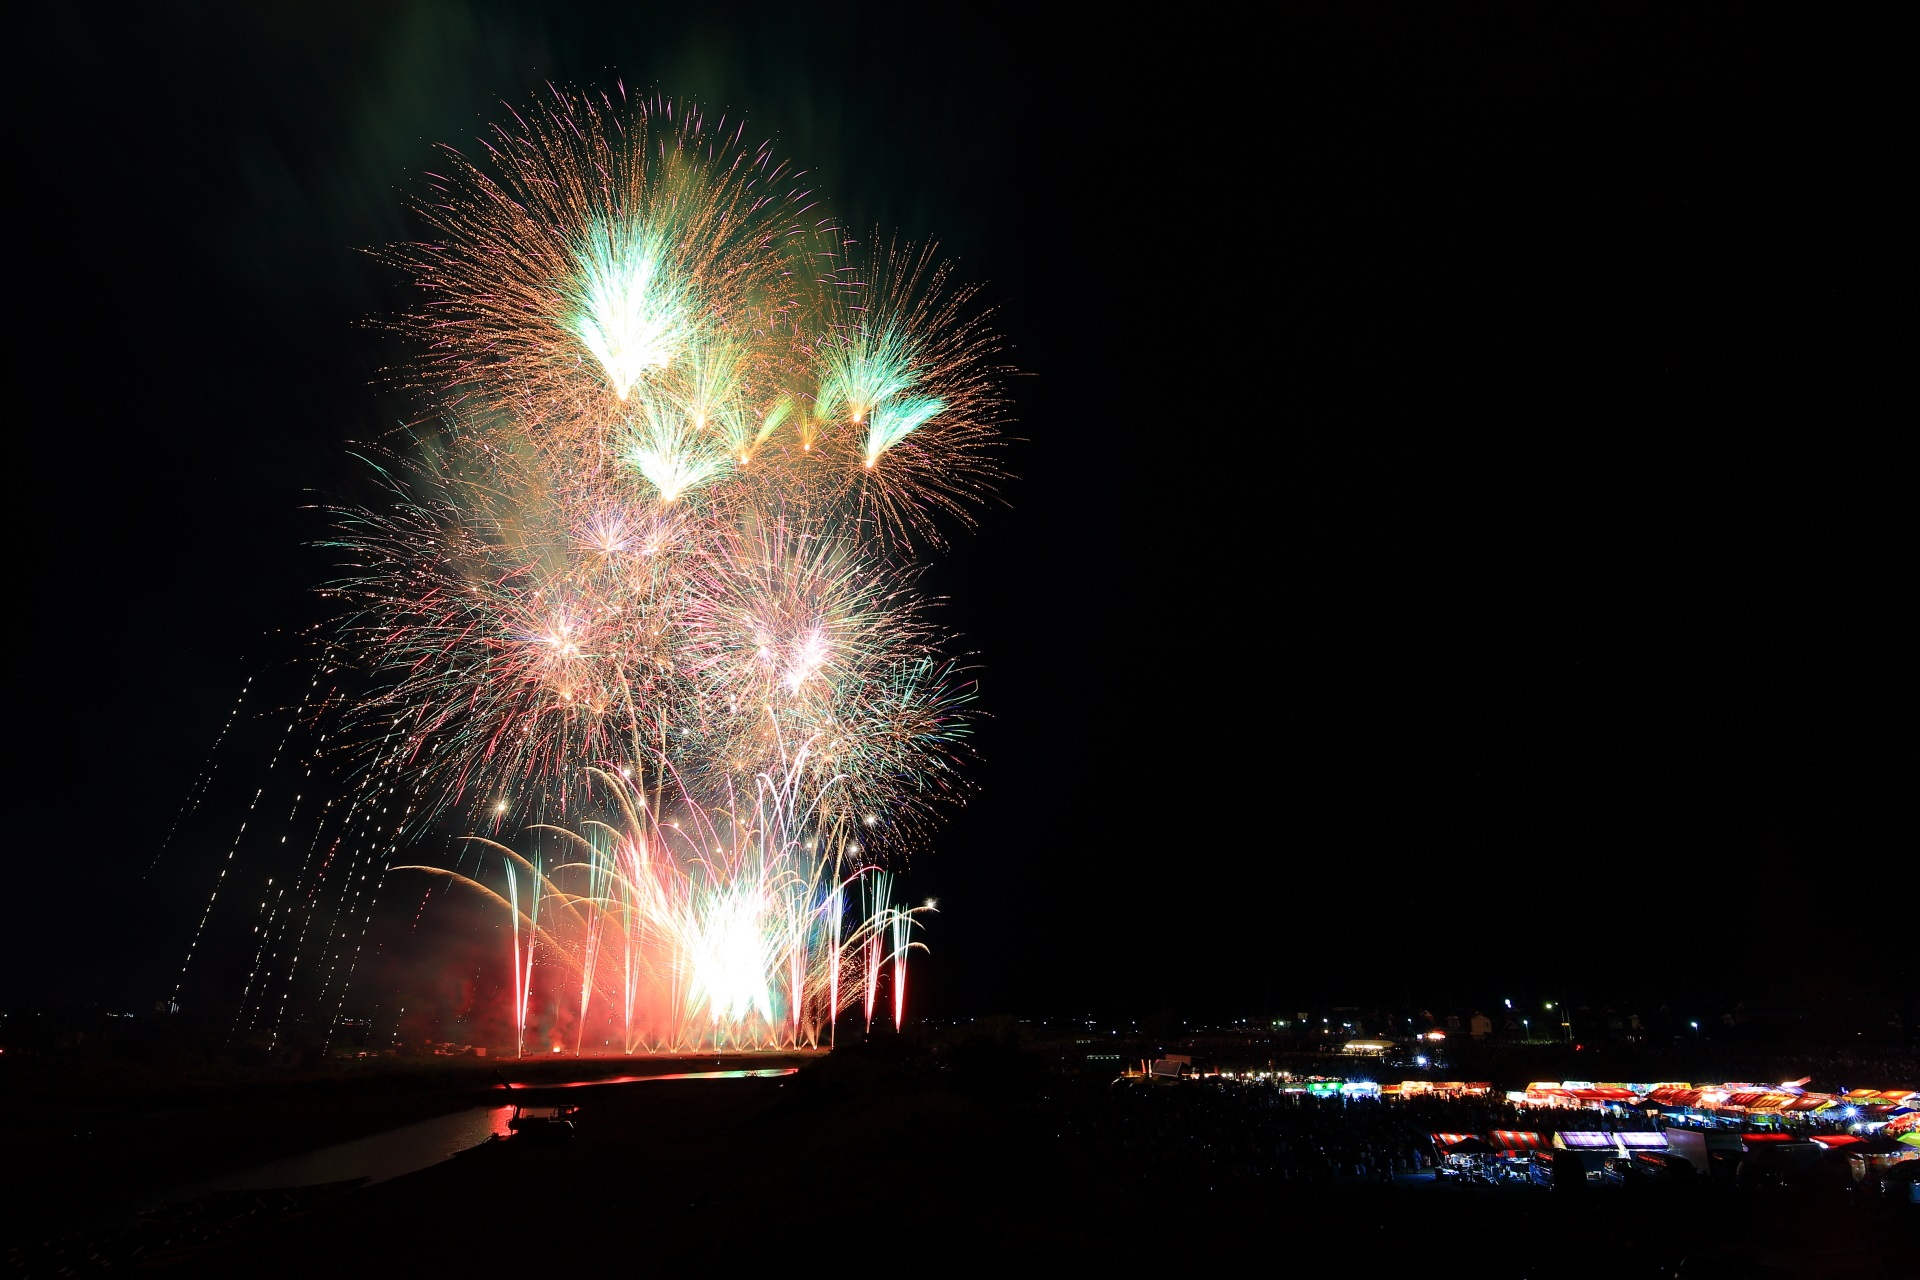 亀岡の夏の夜空を明るくそめる多彩な花火